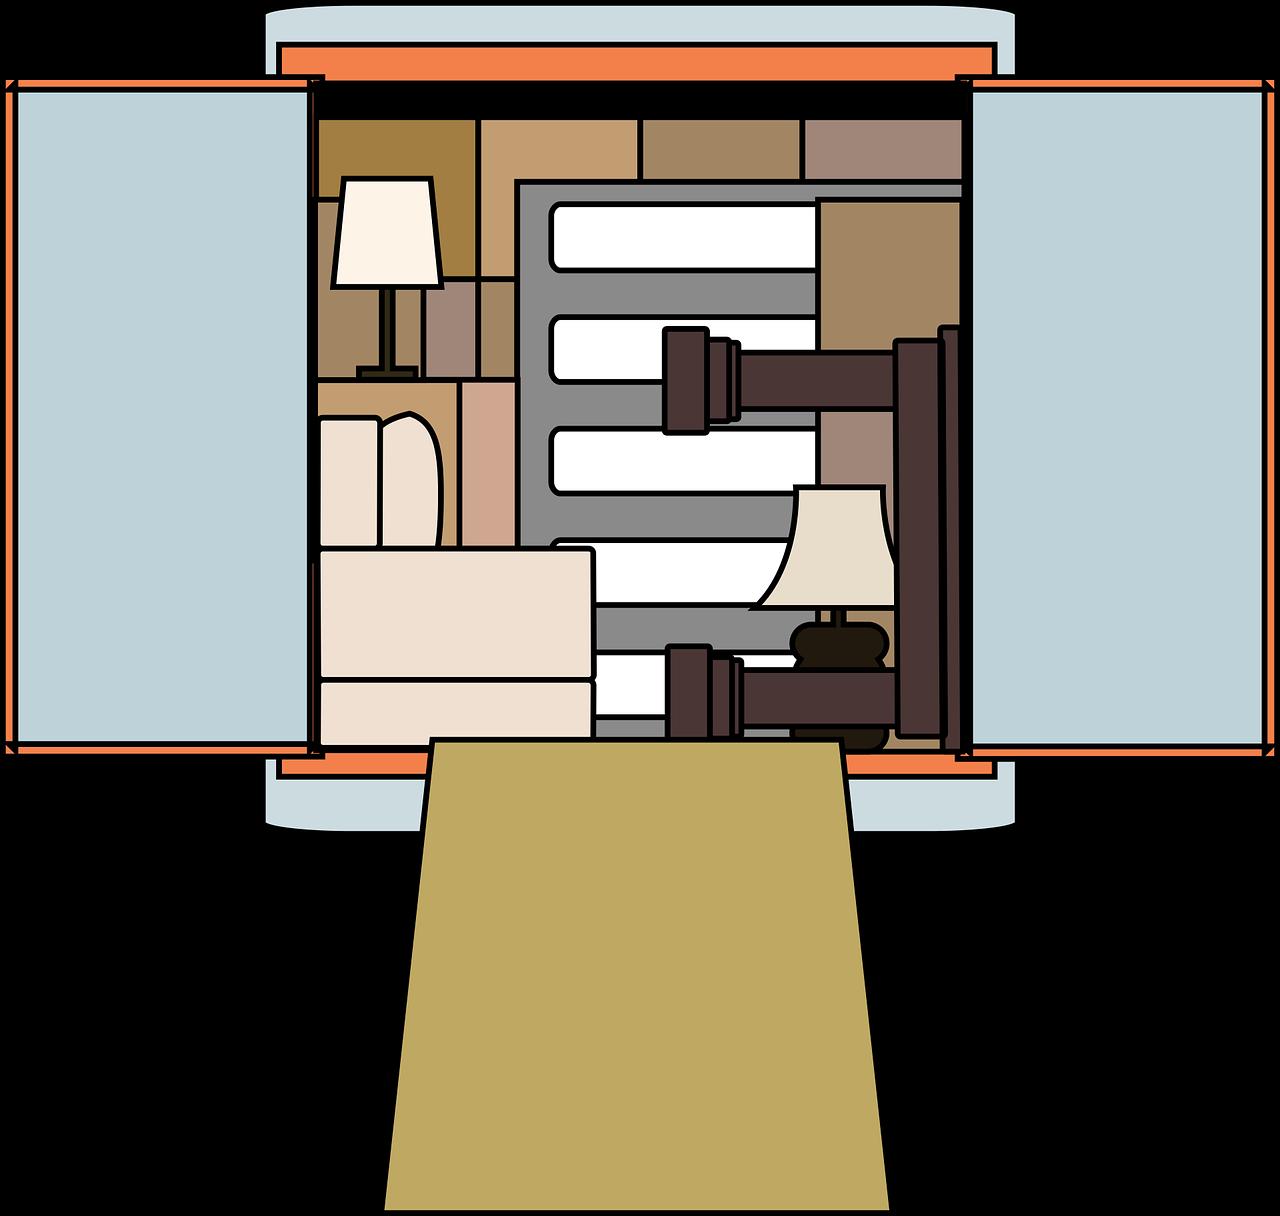 Przeprowadzki mieszkań i biura